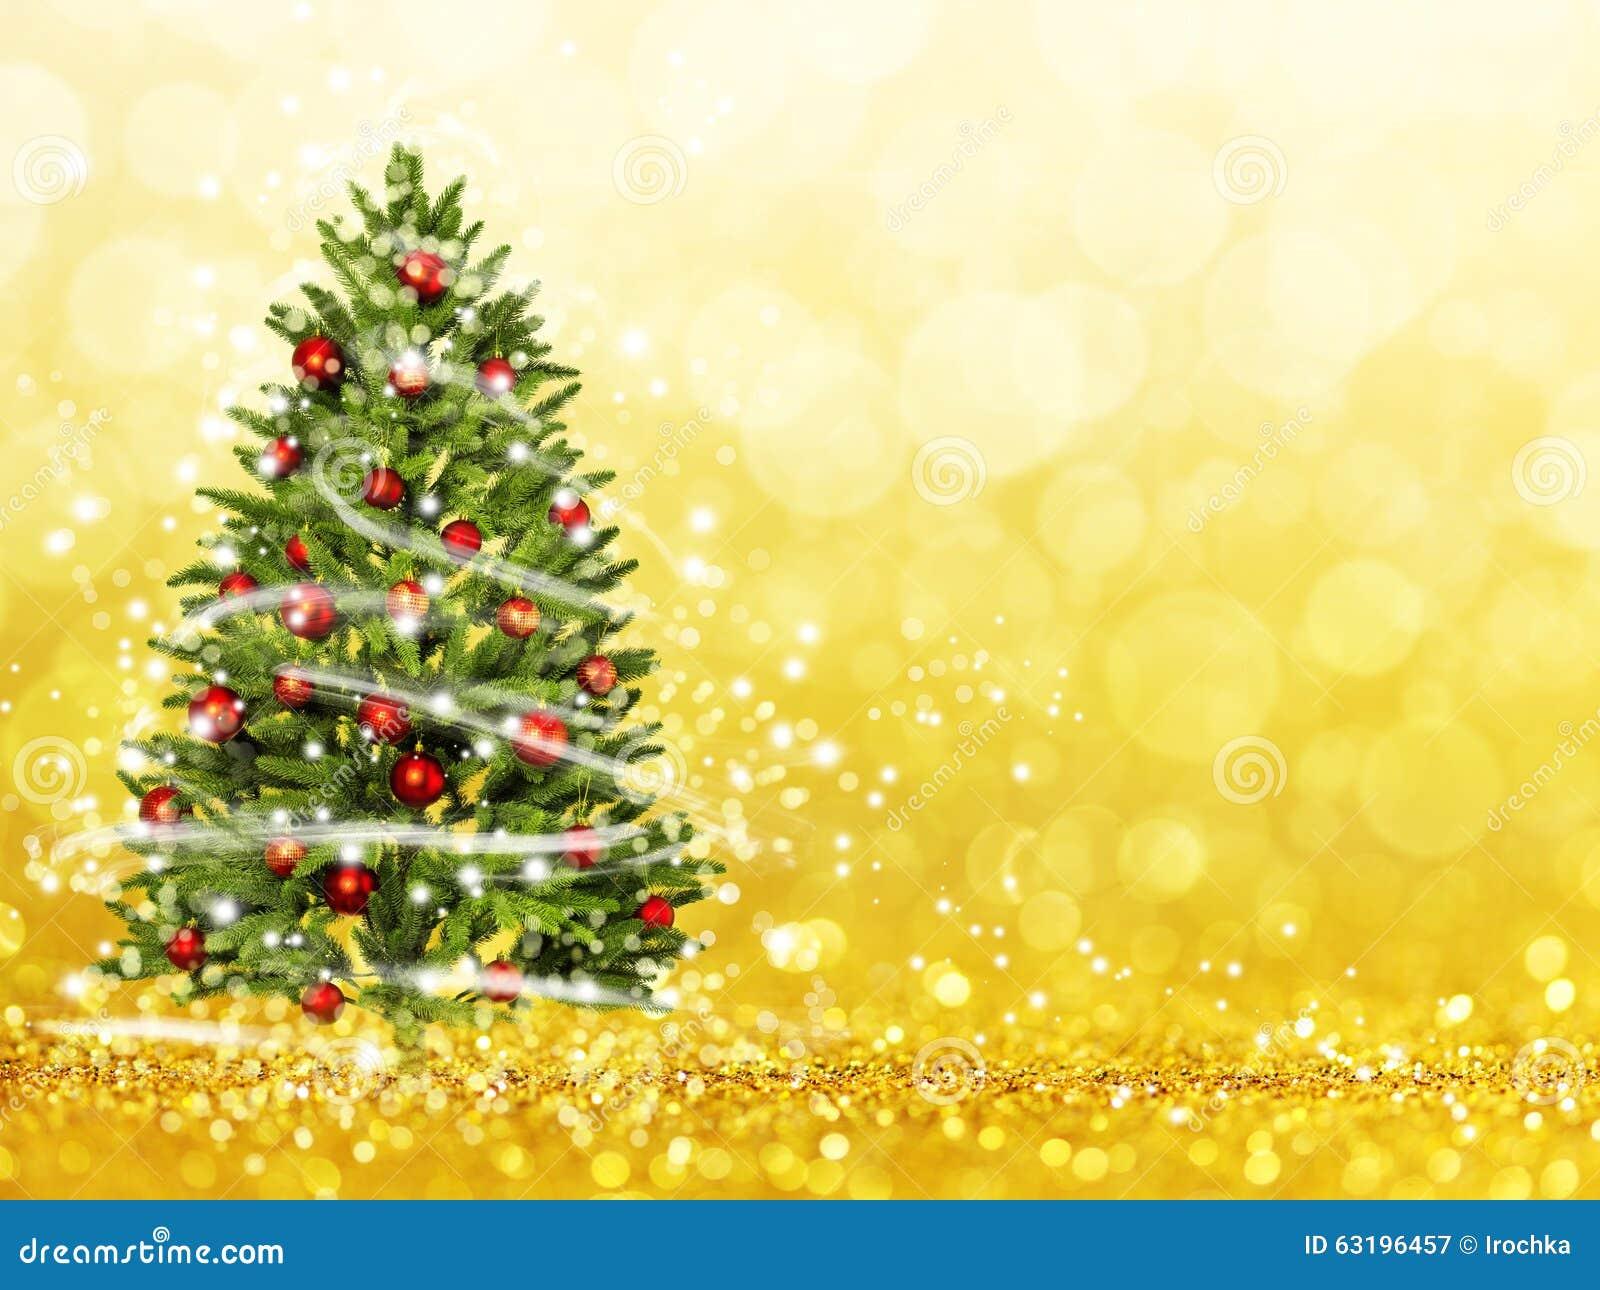 weihnachtsbaum vom weihnachten beleuchtet spiel mit dem licht stock abbildung illustration. Black Bedroom Furniture Sets. Home Design Ideas